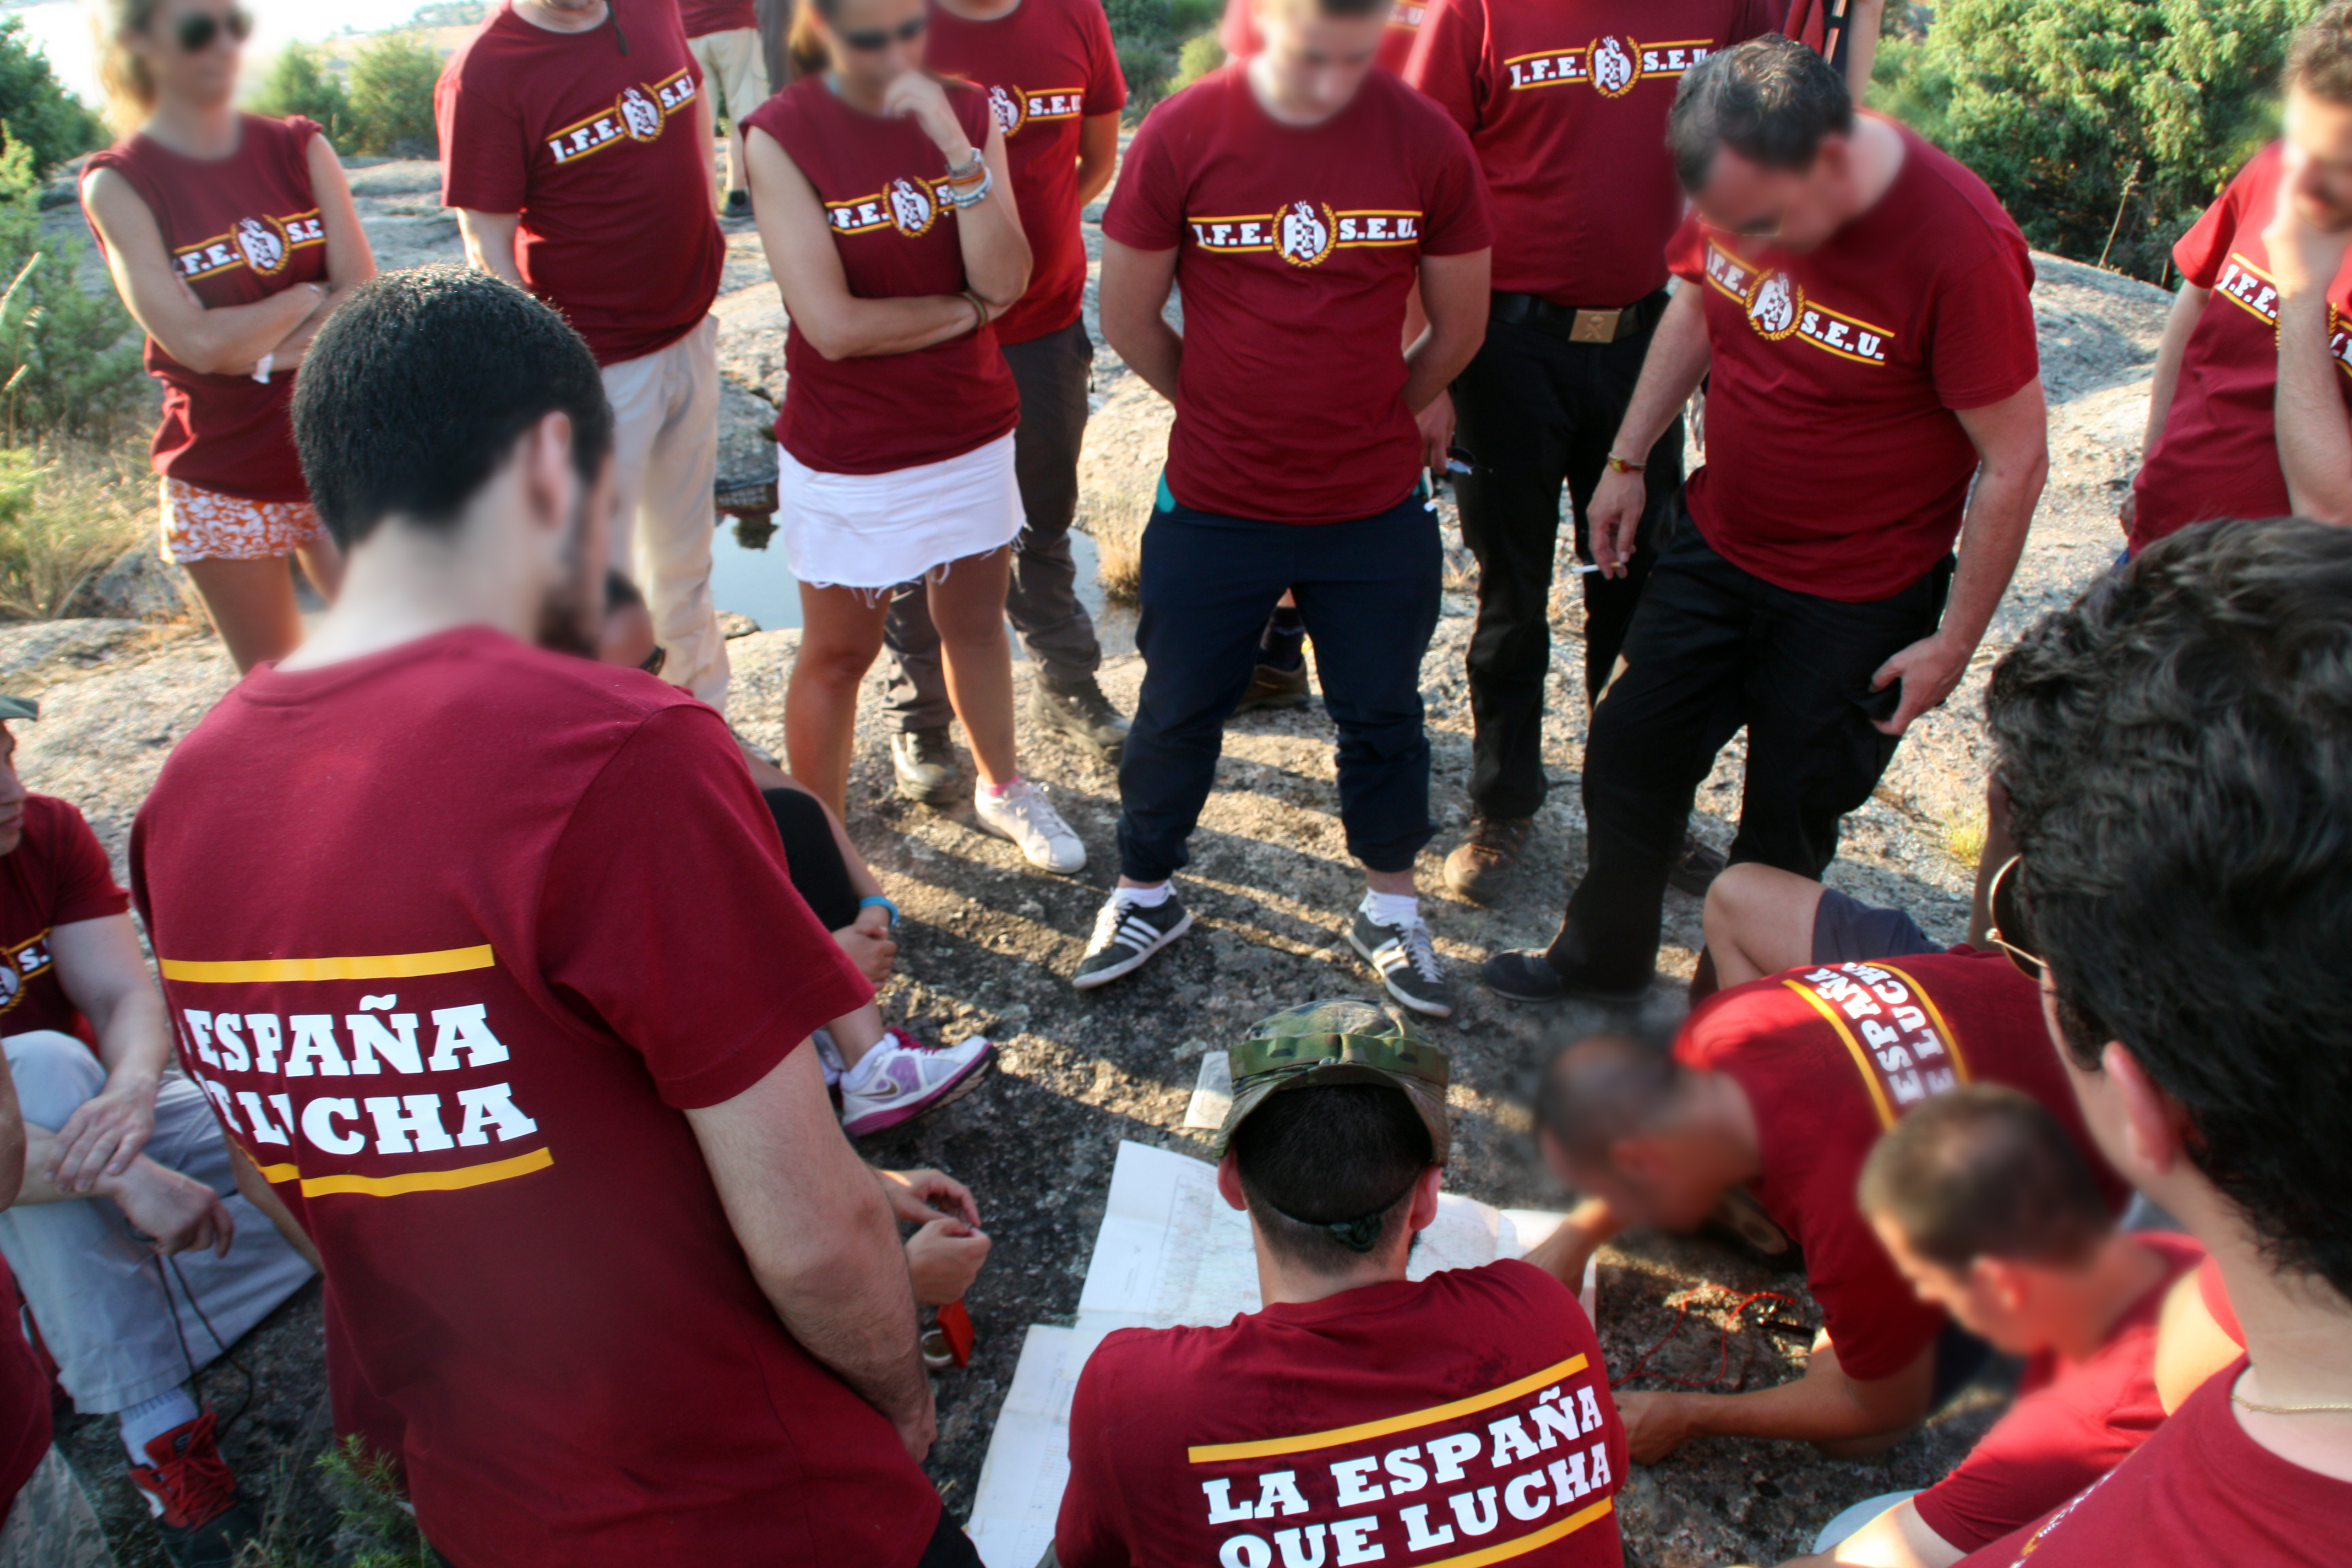 5-Julio: Especial viernes cultural con jóvenes falangistas